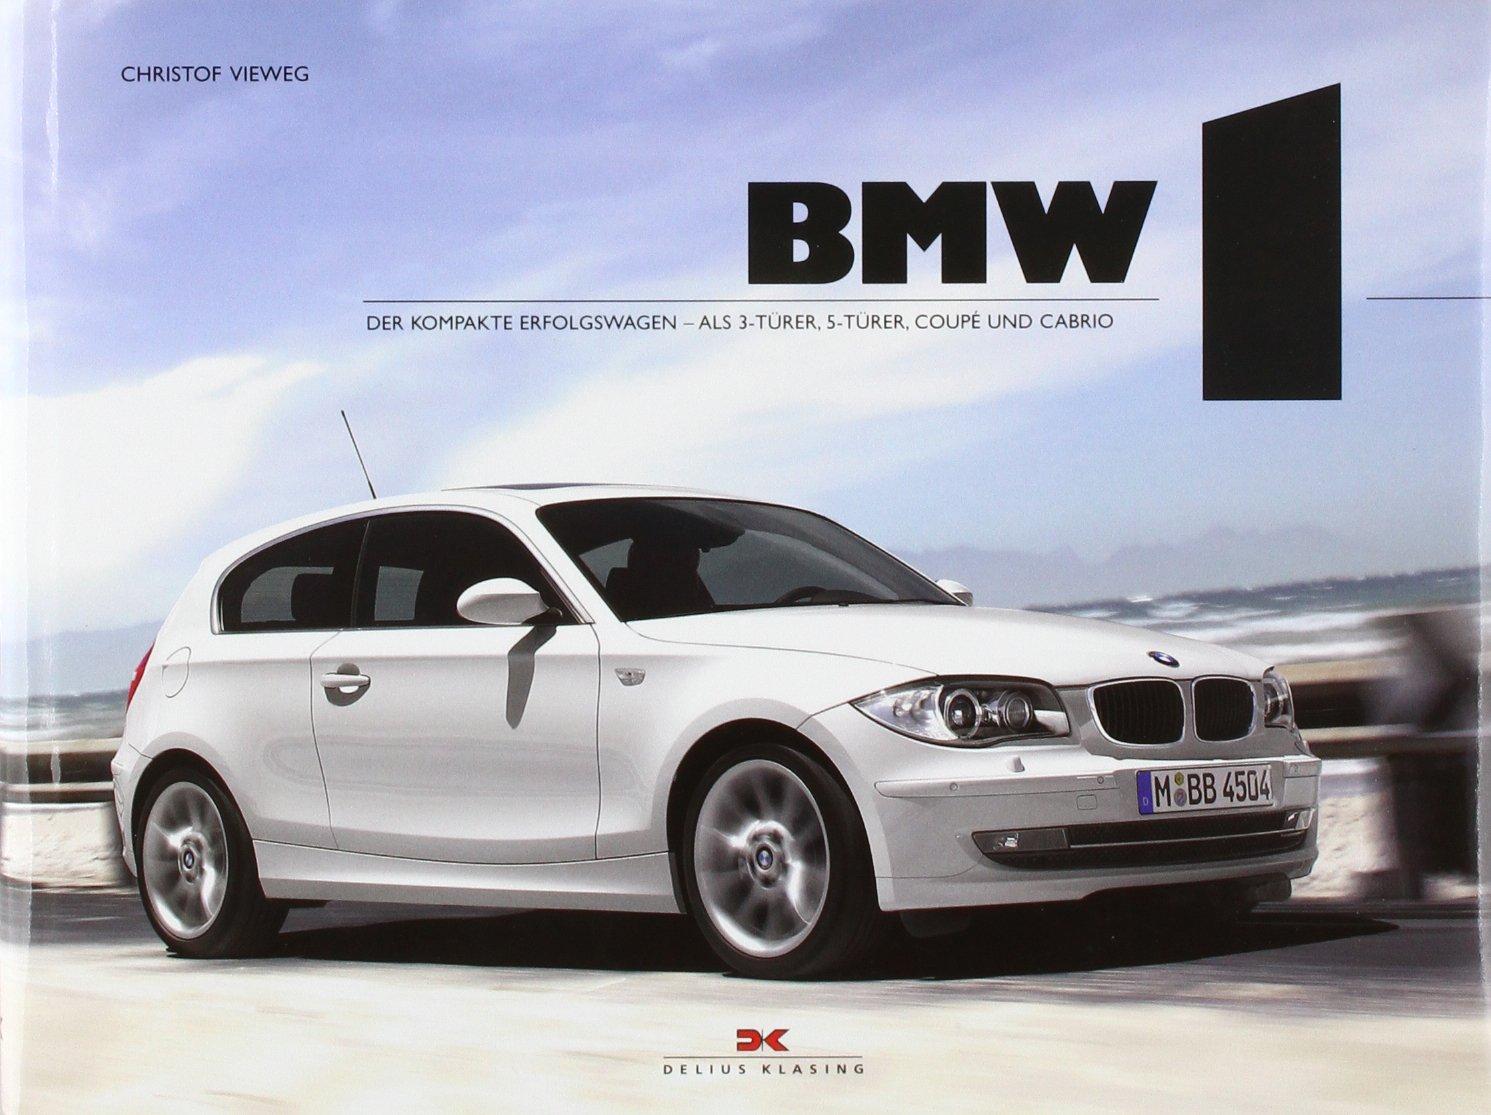 BMW 1: Der kompakte Erfolgswagen – Als 3-Türer, 5-Türer, Coupé und Cabrio